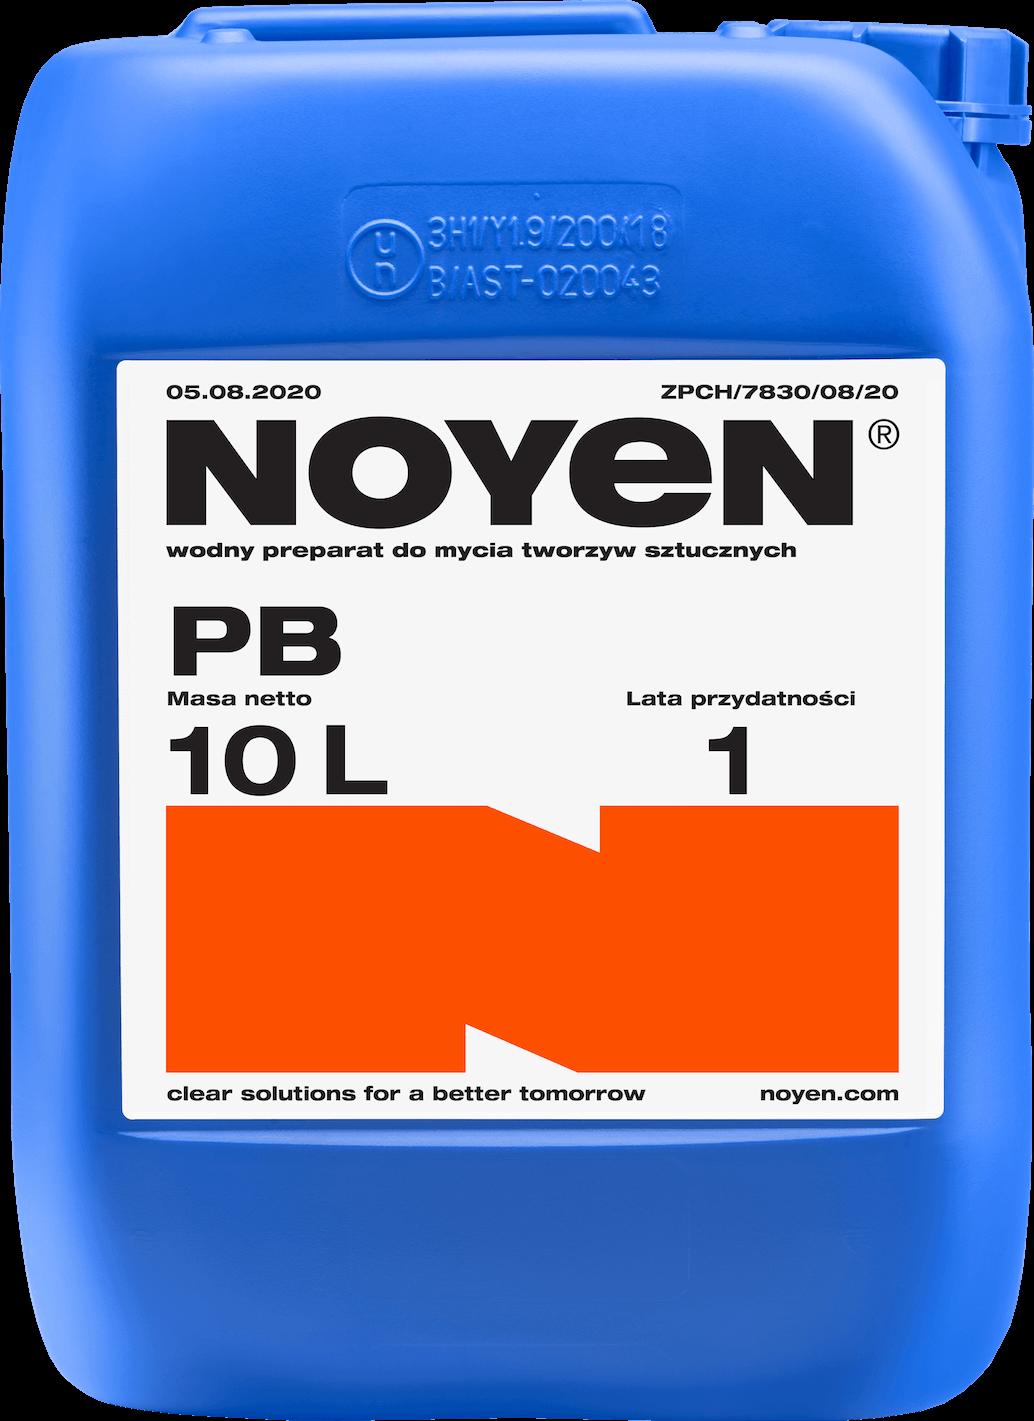 PB NOYEN 10l wodny preparat do mycia tworzyw sztucznych w niebieskim kanistrze